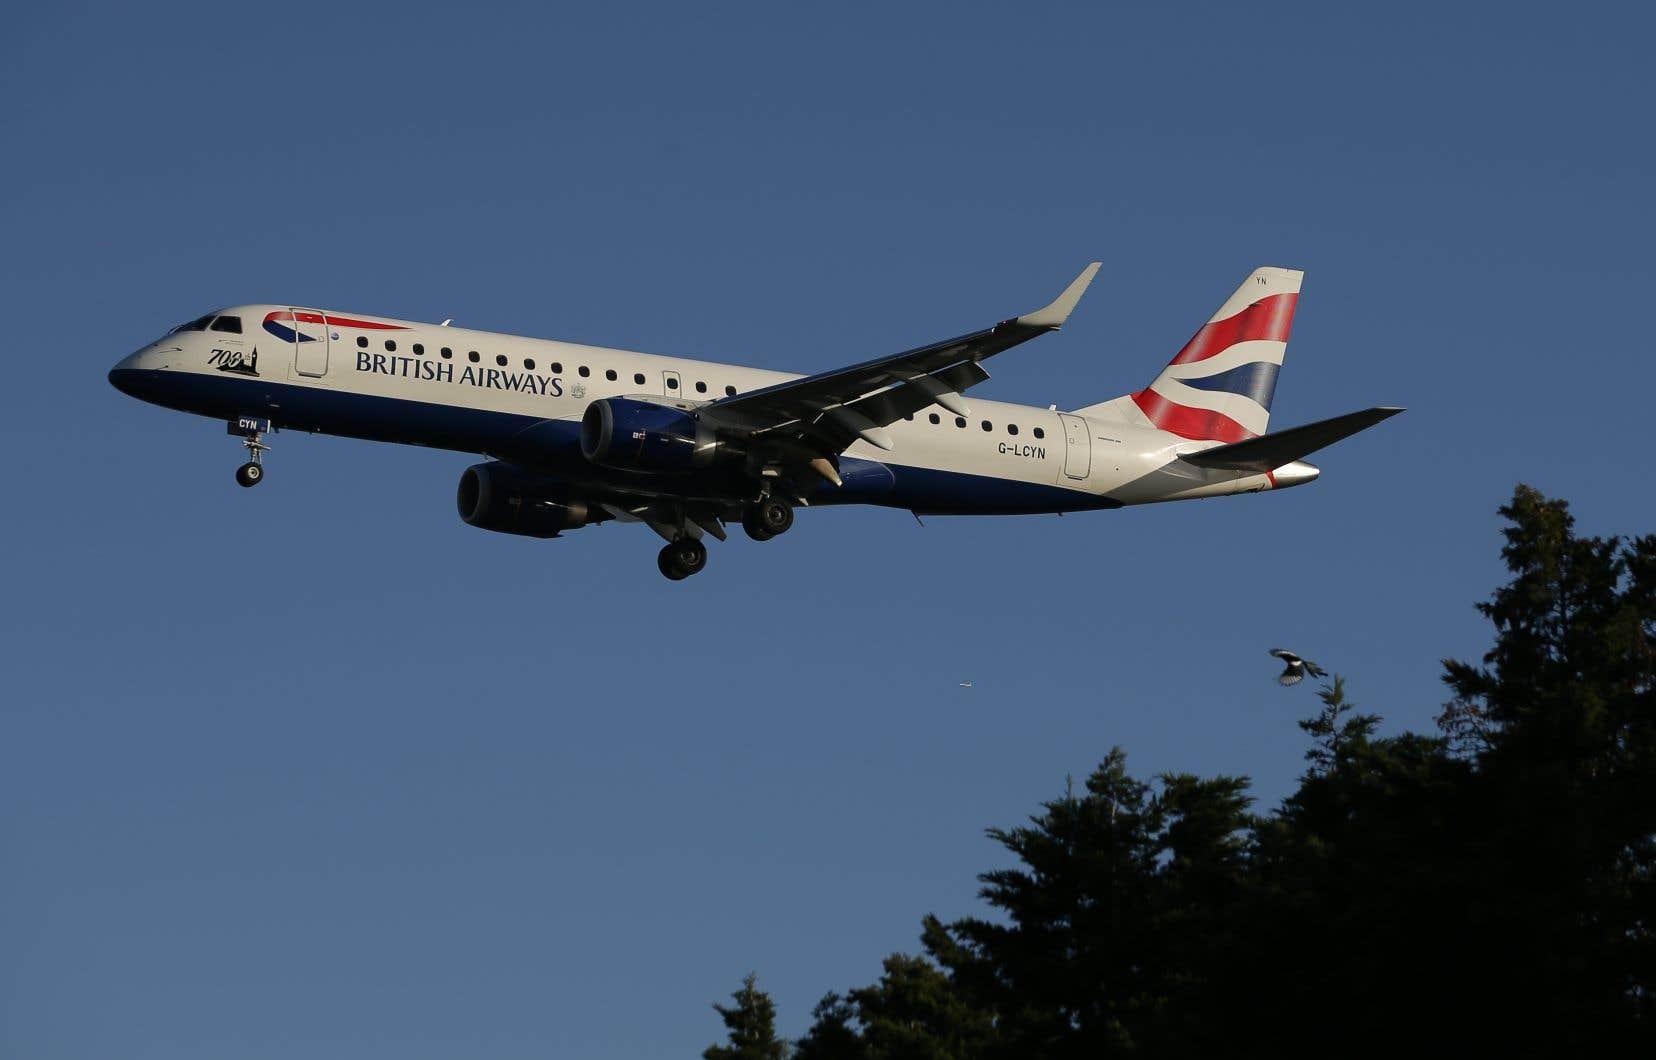 L'avion de la British Airways s'est posé en urgence à l'Aéroport international de Saint-Jean vers 2h30, heure locale.